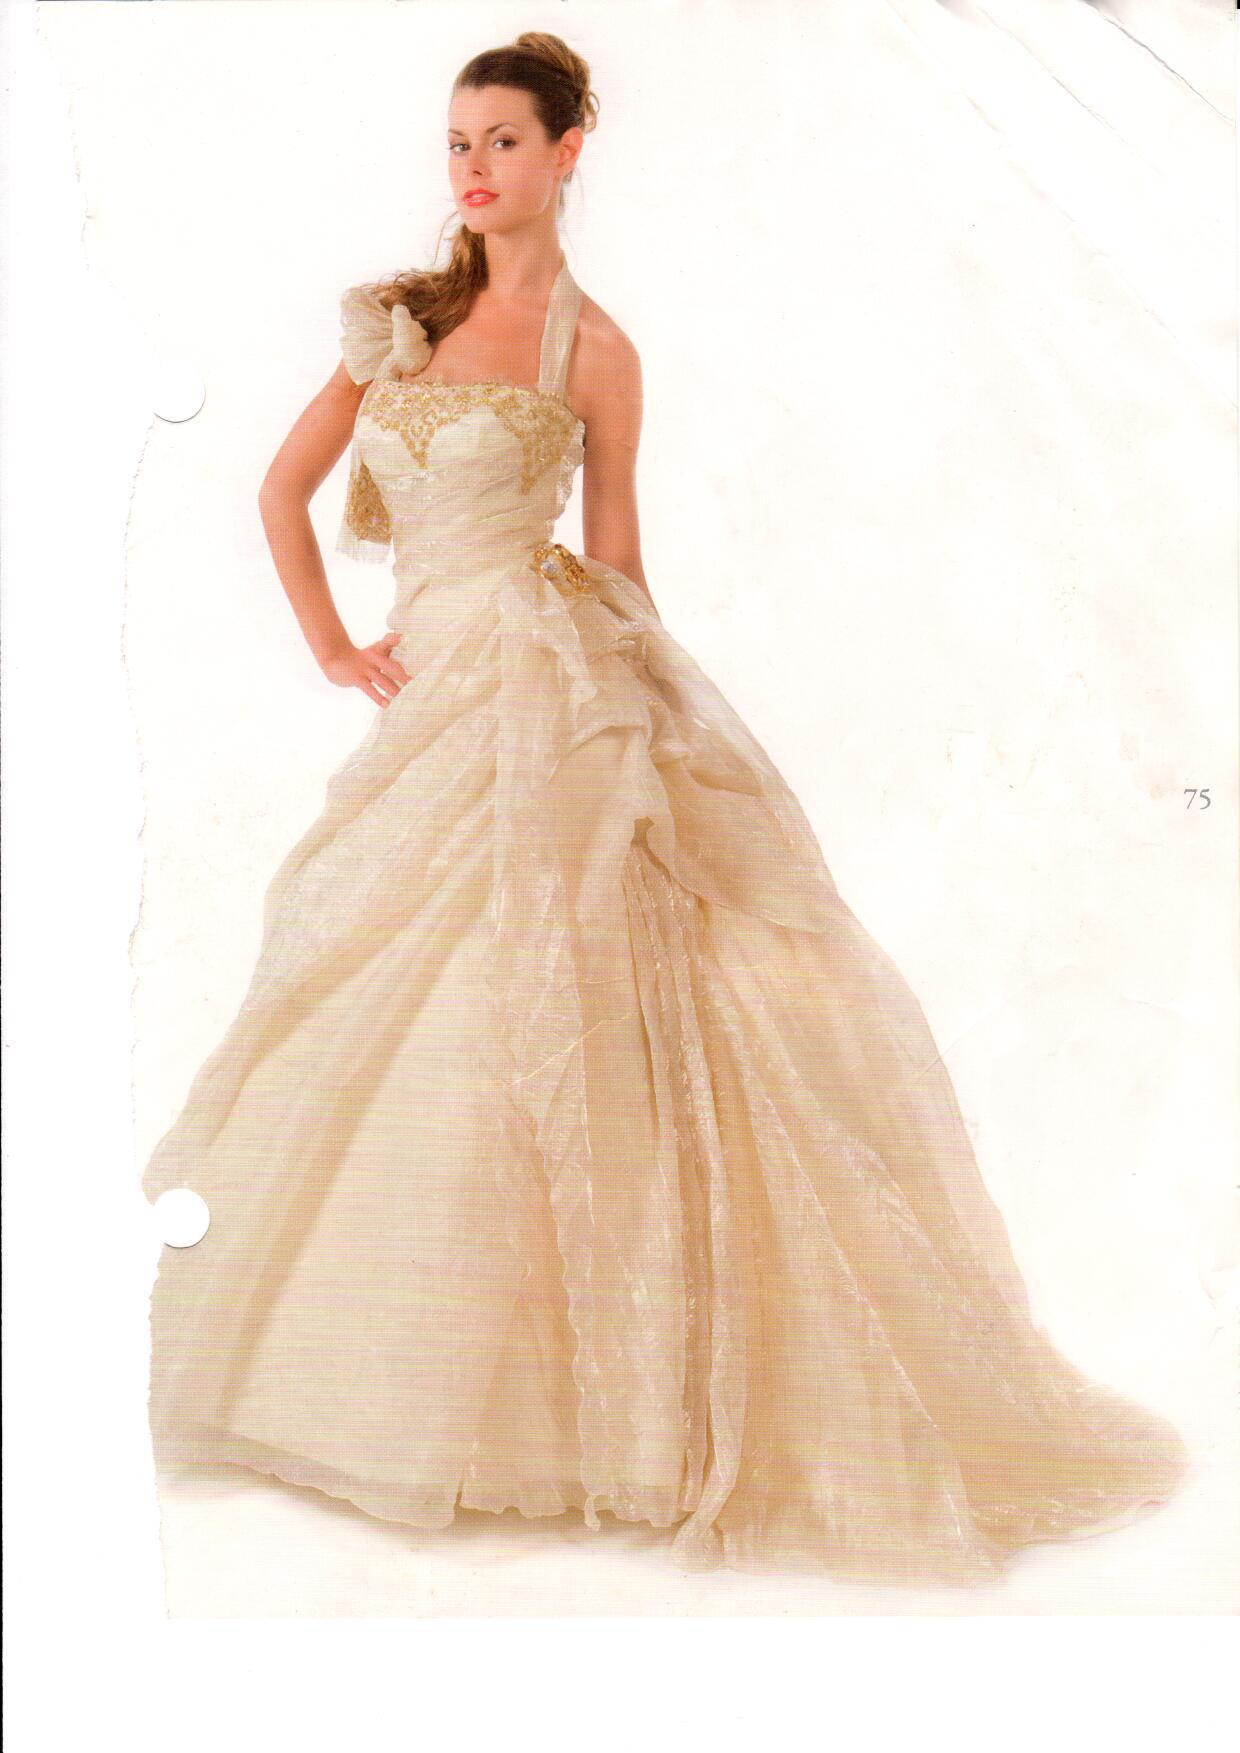 lowest price d842c 2f023 Abito da sposa color avorio collezione Sposissimi – TG 42 ...